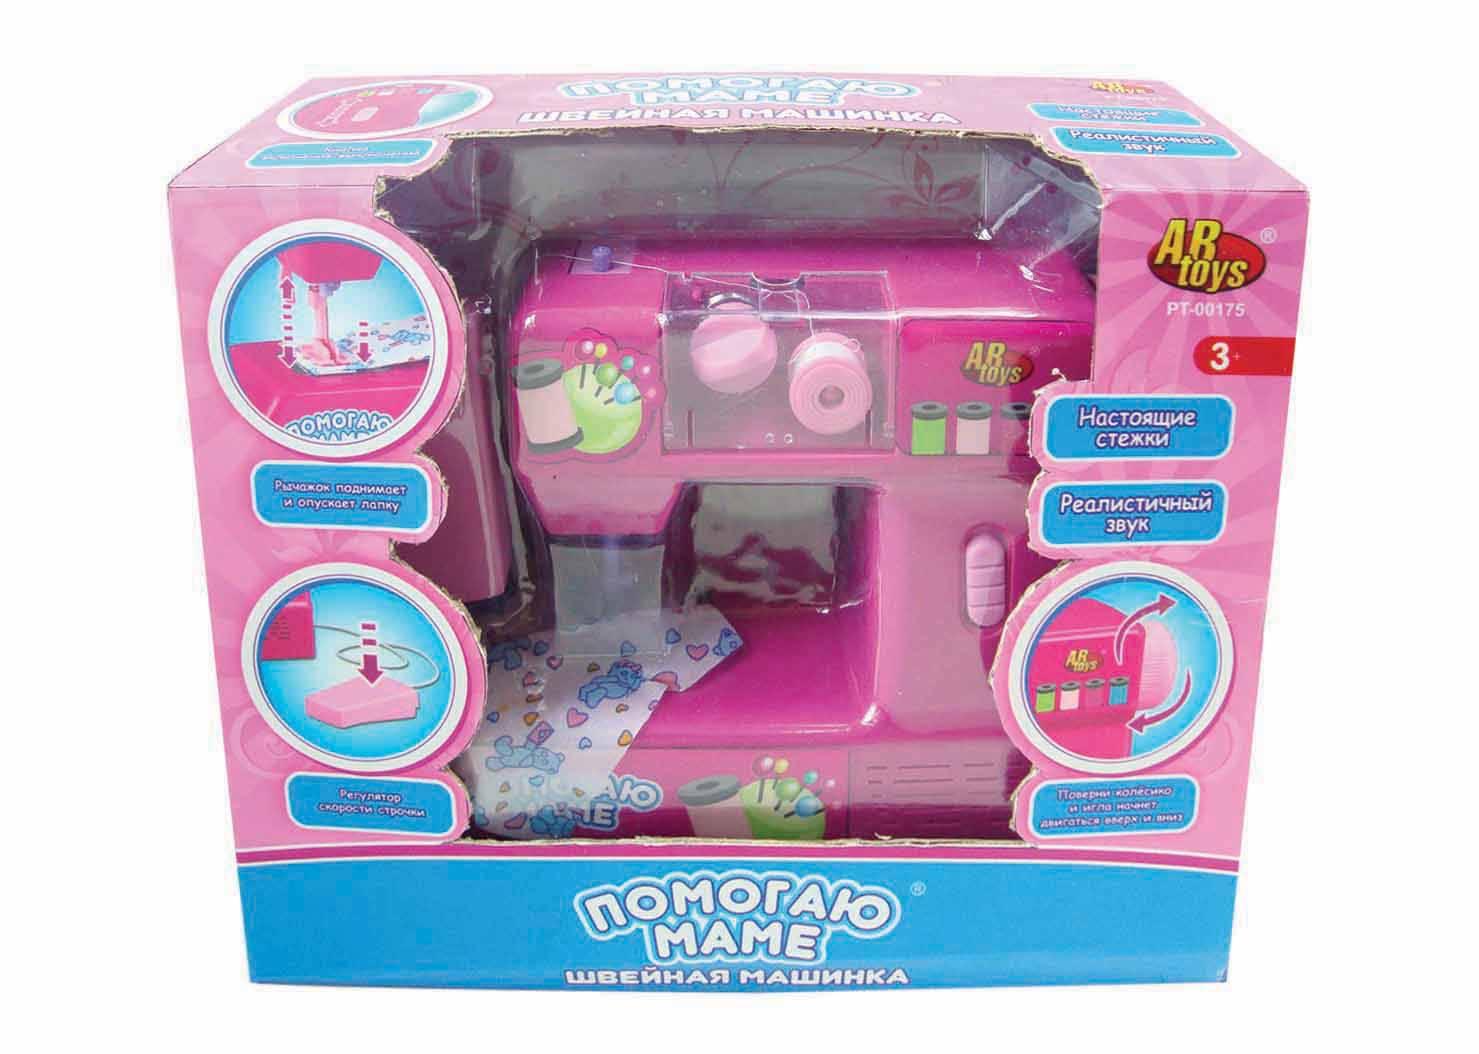 Купить Набор игровой серии Помогаю Маме - Швейная машинка, ABtoys